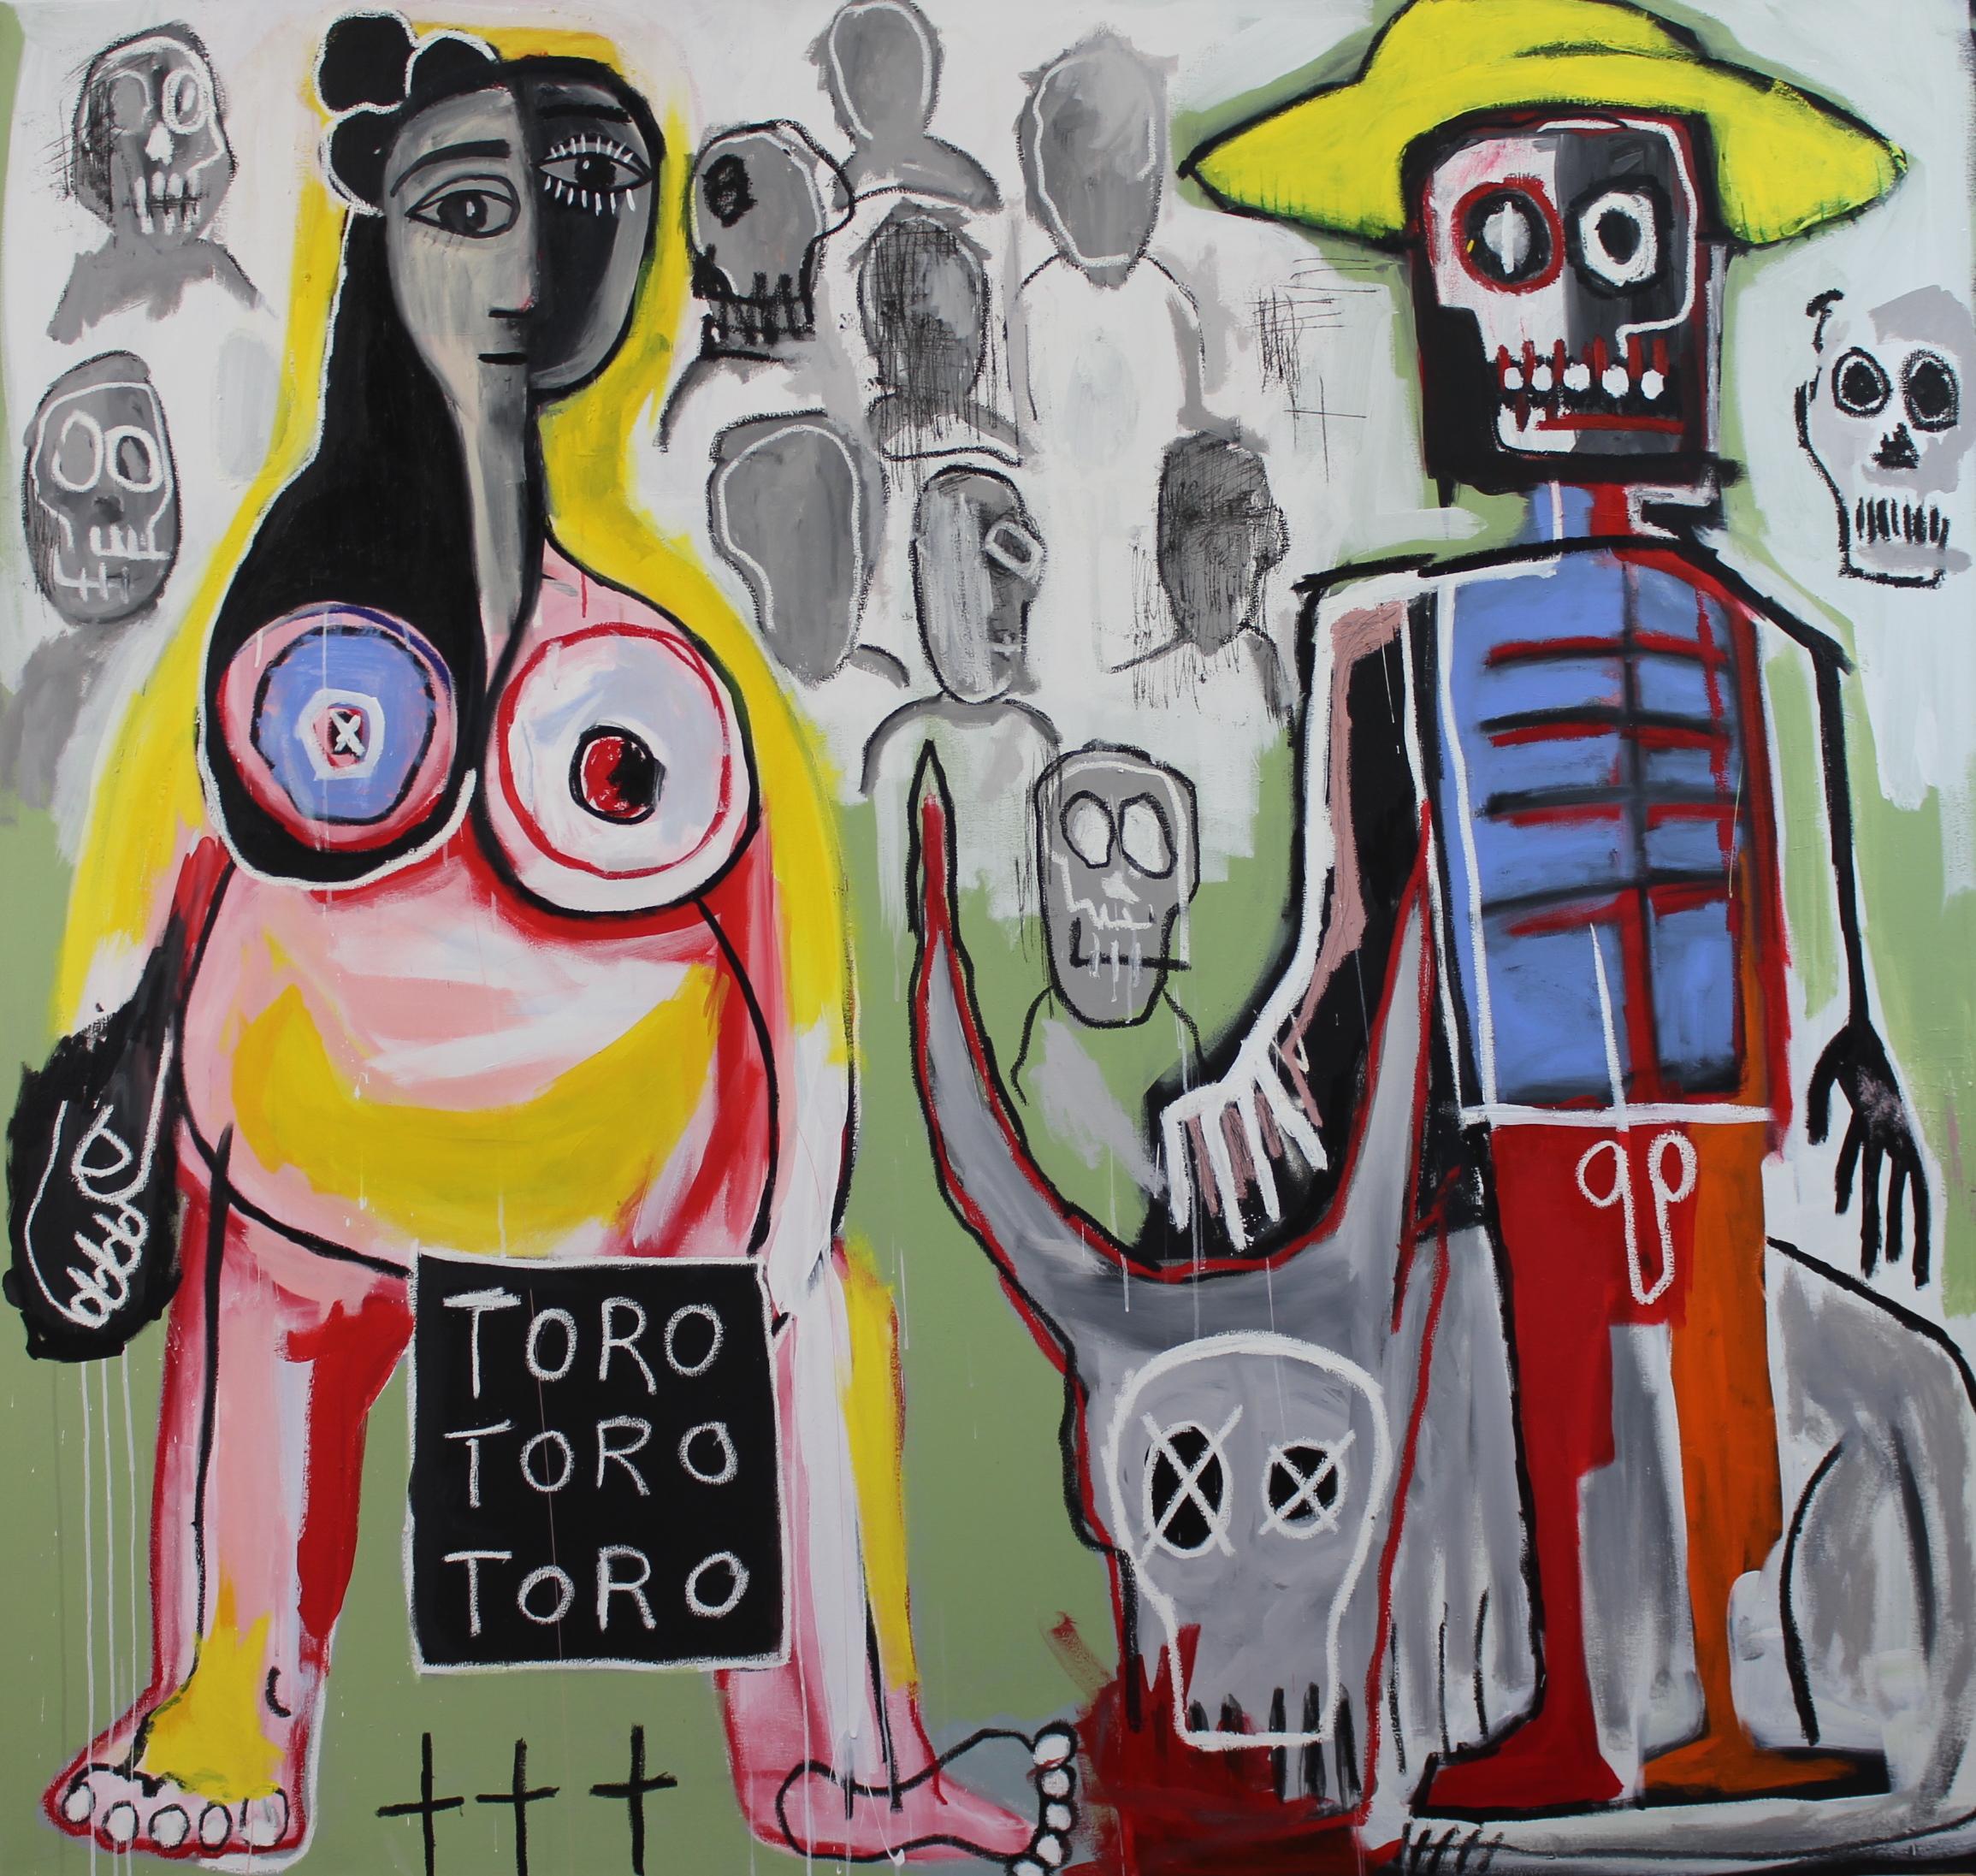 Untitled (Toro Toro Toro) 2014